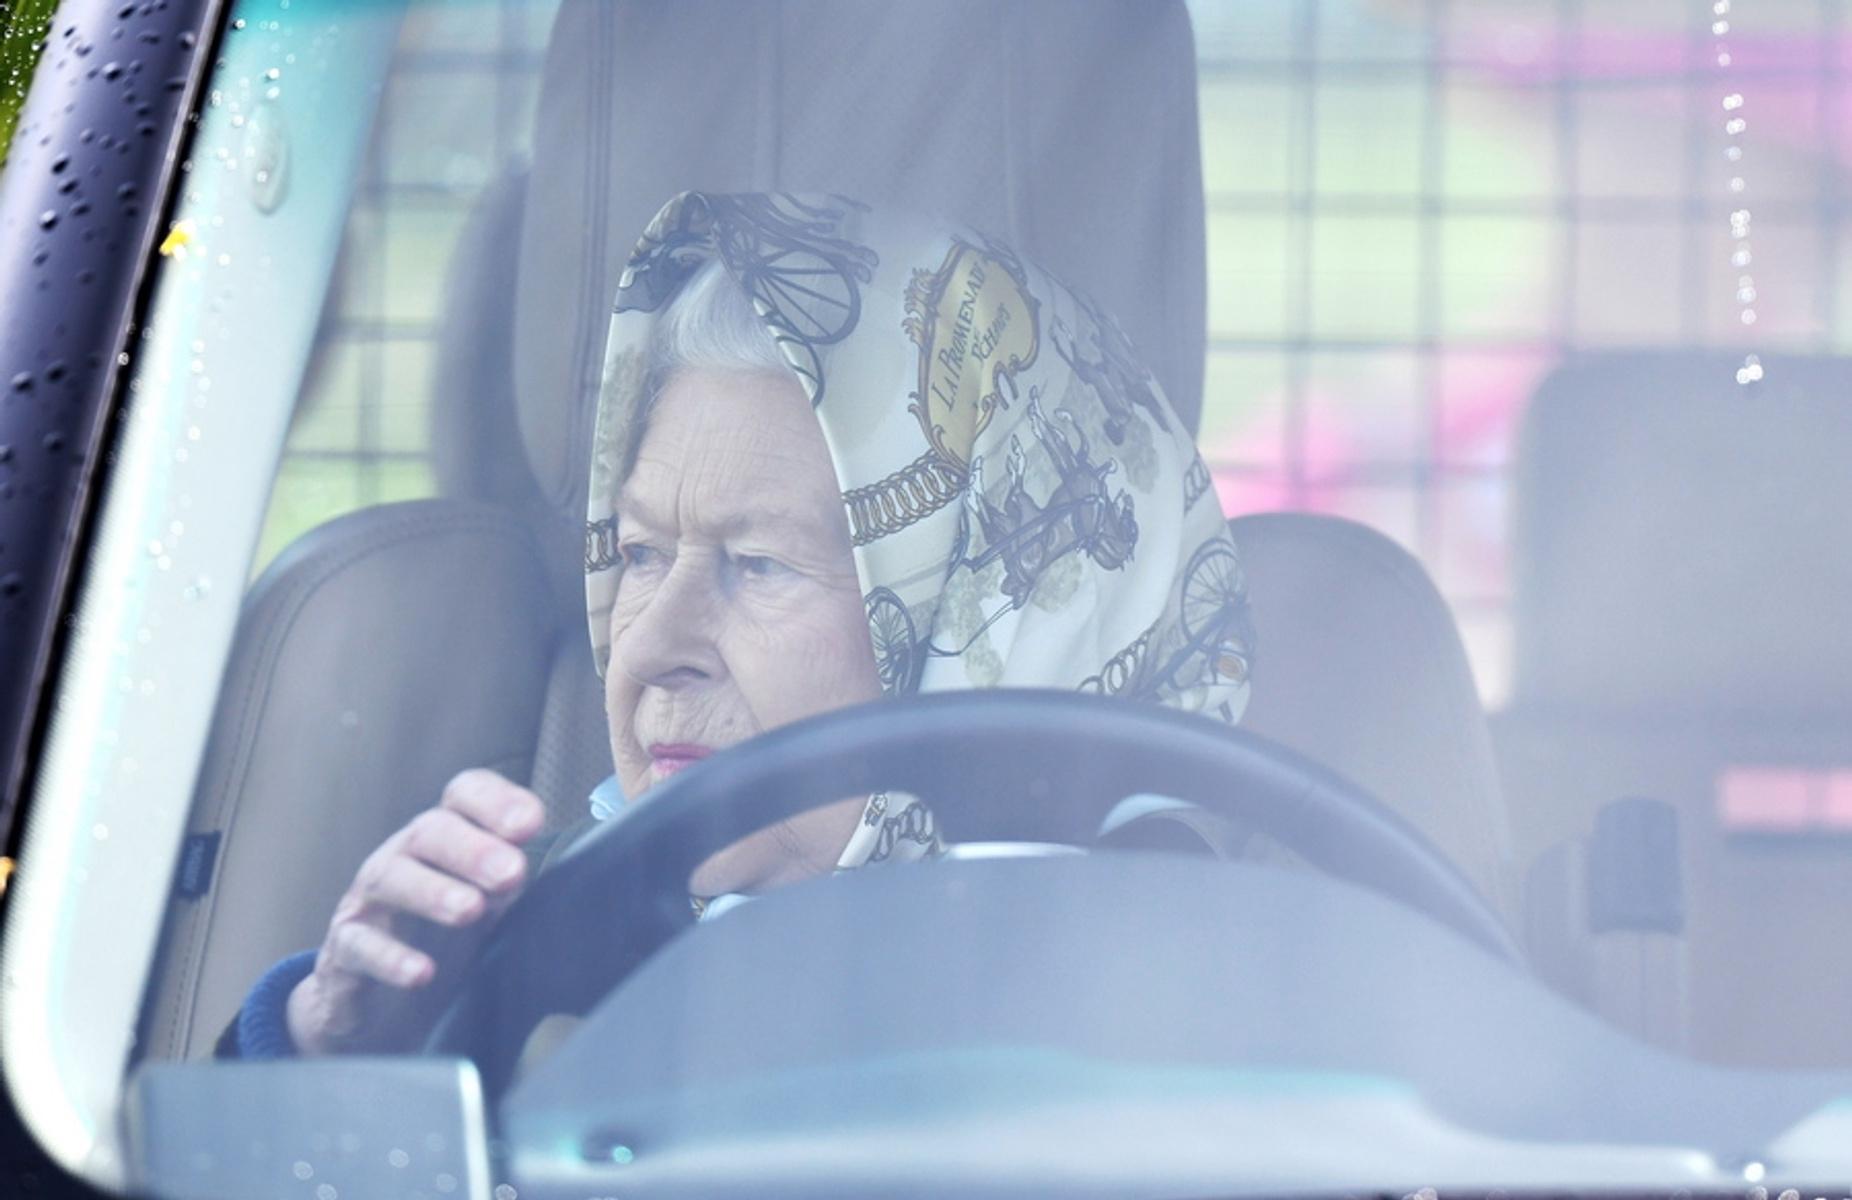 Σκοτεινιασμένη Ελισάβετ! Πρώτη εμφάνιση μετά την βόμβα που έριξαν Χάρι και Μέγκαν στο Μπάκινγχαμ!